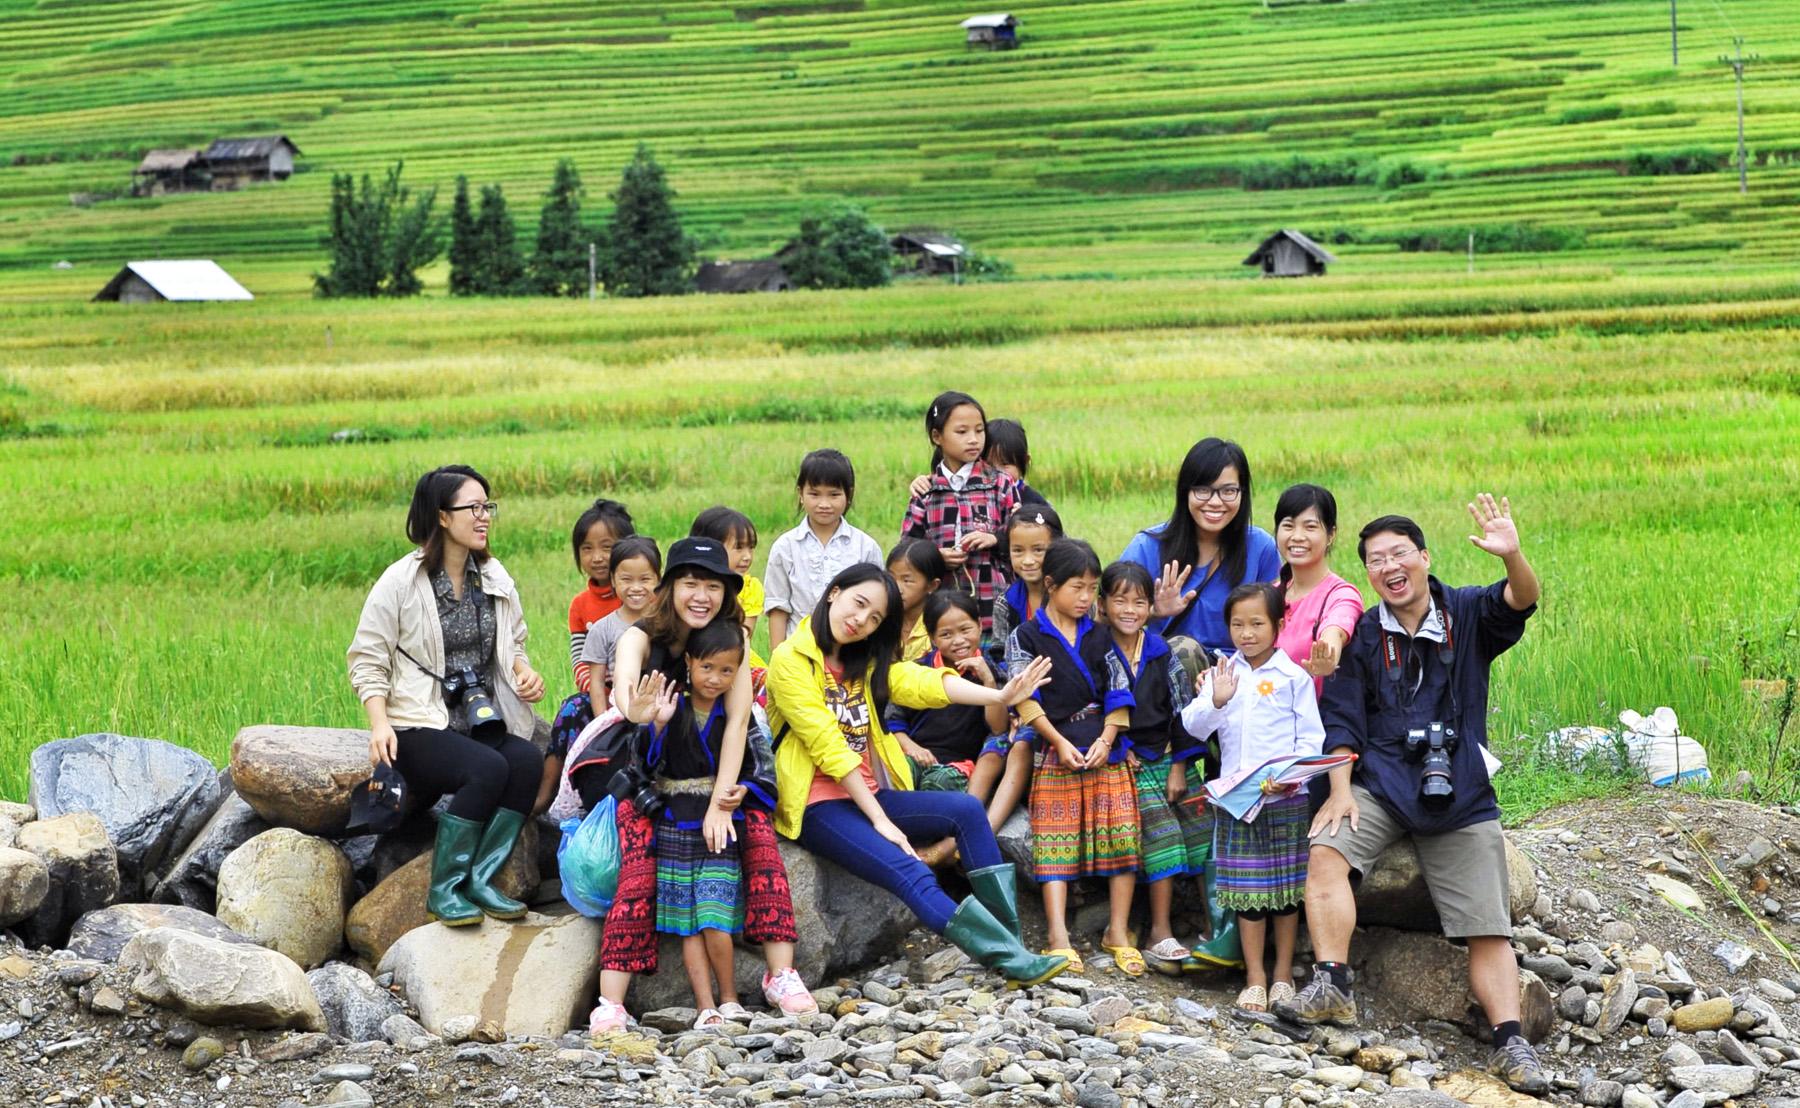 viaggio in vietnam del nord 2